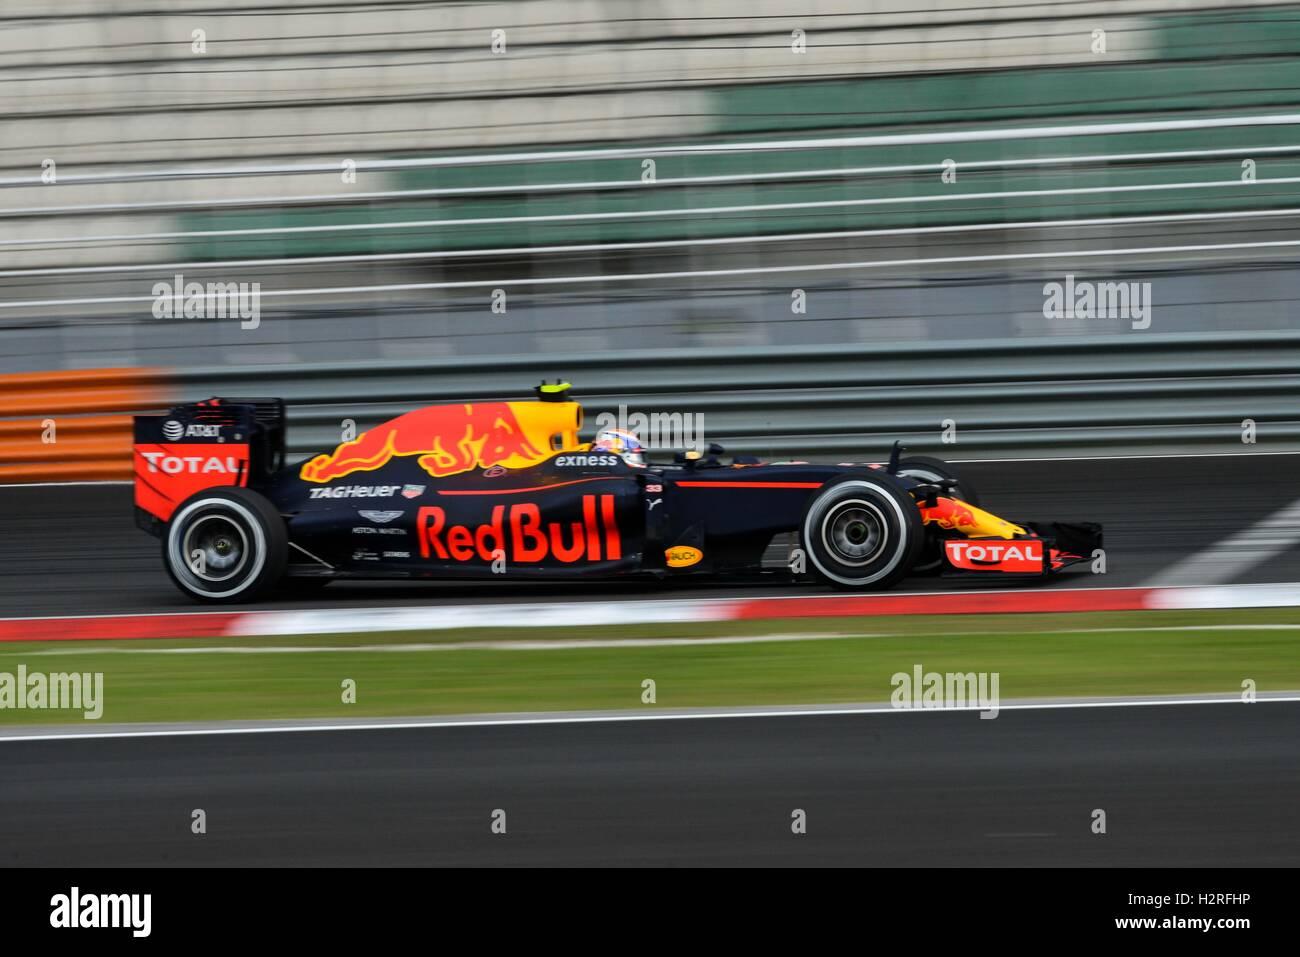 Sepang, Malesia. 1 Ott 2016. La Red Bull Racing driver Max Verstappen rigidi durante la sessione di qualifiche della Immagini Stock